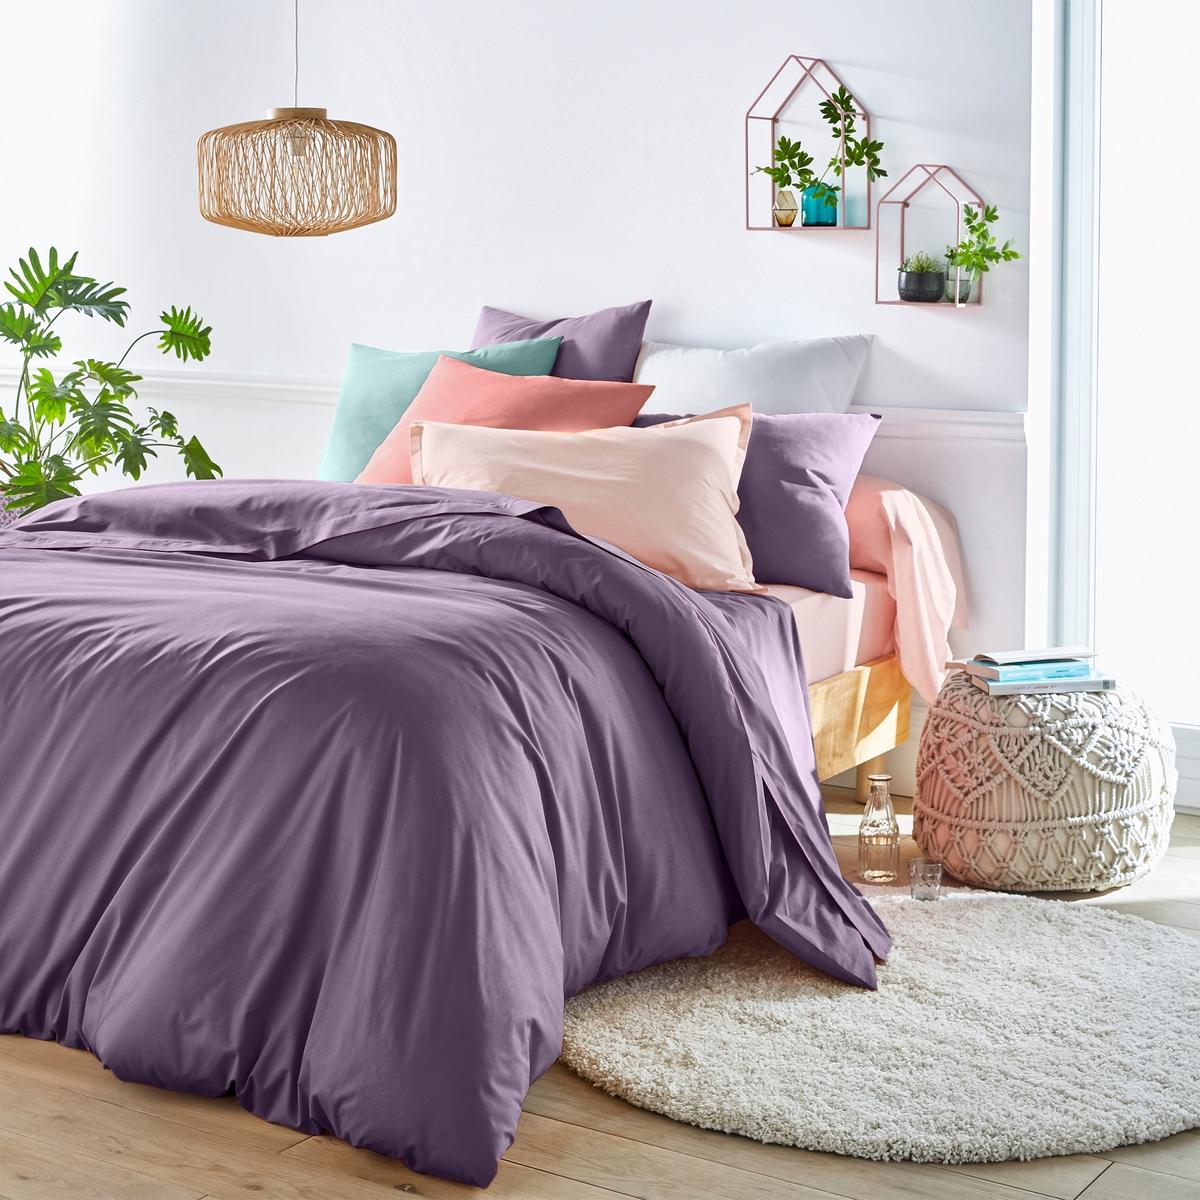 Простыня натяжная для раздельных матрасовНатяжная простыня для 2-спальной кровати с матрасами с независимыми частями для головы и ног. Для общего комфорта натяжная простыня соединяется в центре без швов.Характеристики натяжной простыни из хлопка для раздельных матрасов :100% хлопок, очень мягкий и комфортный, плотное переплетение нитей, 57 нитей/см? : чем больше количество нитей/см?, тем выше качество.Клапан 25 см (для матрасов шириной до 23 см).Отличная стойкость цвета при стирке при 60 °С.Созданная для матрасов с возможностью поднимания частей для головы и ног, эта натяжная простыня Sc?nario из хлопка отличается оригинальной гаммой очень модных цветов.                                                 Откройте для себя всю коллекцию постельного белья на сайте laredoute.ru.                                                                                                                                                                  Знак Oeko-Tex® гарантирует, что товары протестированы и сертифицированы, не содержат вредных веществ, которые могли бы нанести вред здоровью.                                                                                                                                                                                                                                            Размеры: ??140 x 190 см : 2-спальн.?160 x 200 см: 2-спальн.180 x 200 см: ?2-спальн.<br><br>Цвет: антрацит,белый,бледный сине-зеленый,бордовый,вишневый,голубой бирюзовый,желтый горчичный,зеленый,нежно-розовый,розовое дерево,светло-бежевый,серо-коричневый каштан,Серо-синий,серый жемчужный,сине-зеленый,смородиновый,темно-серый,фиолетовый,черный<br>Размер: 160 x 200  см